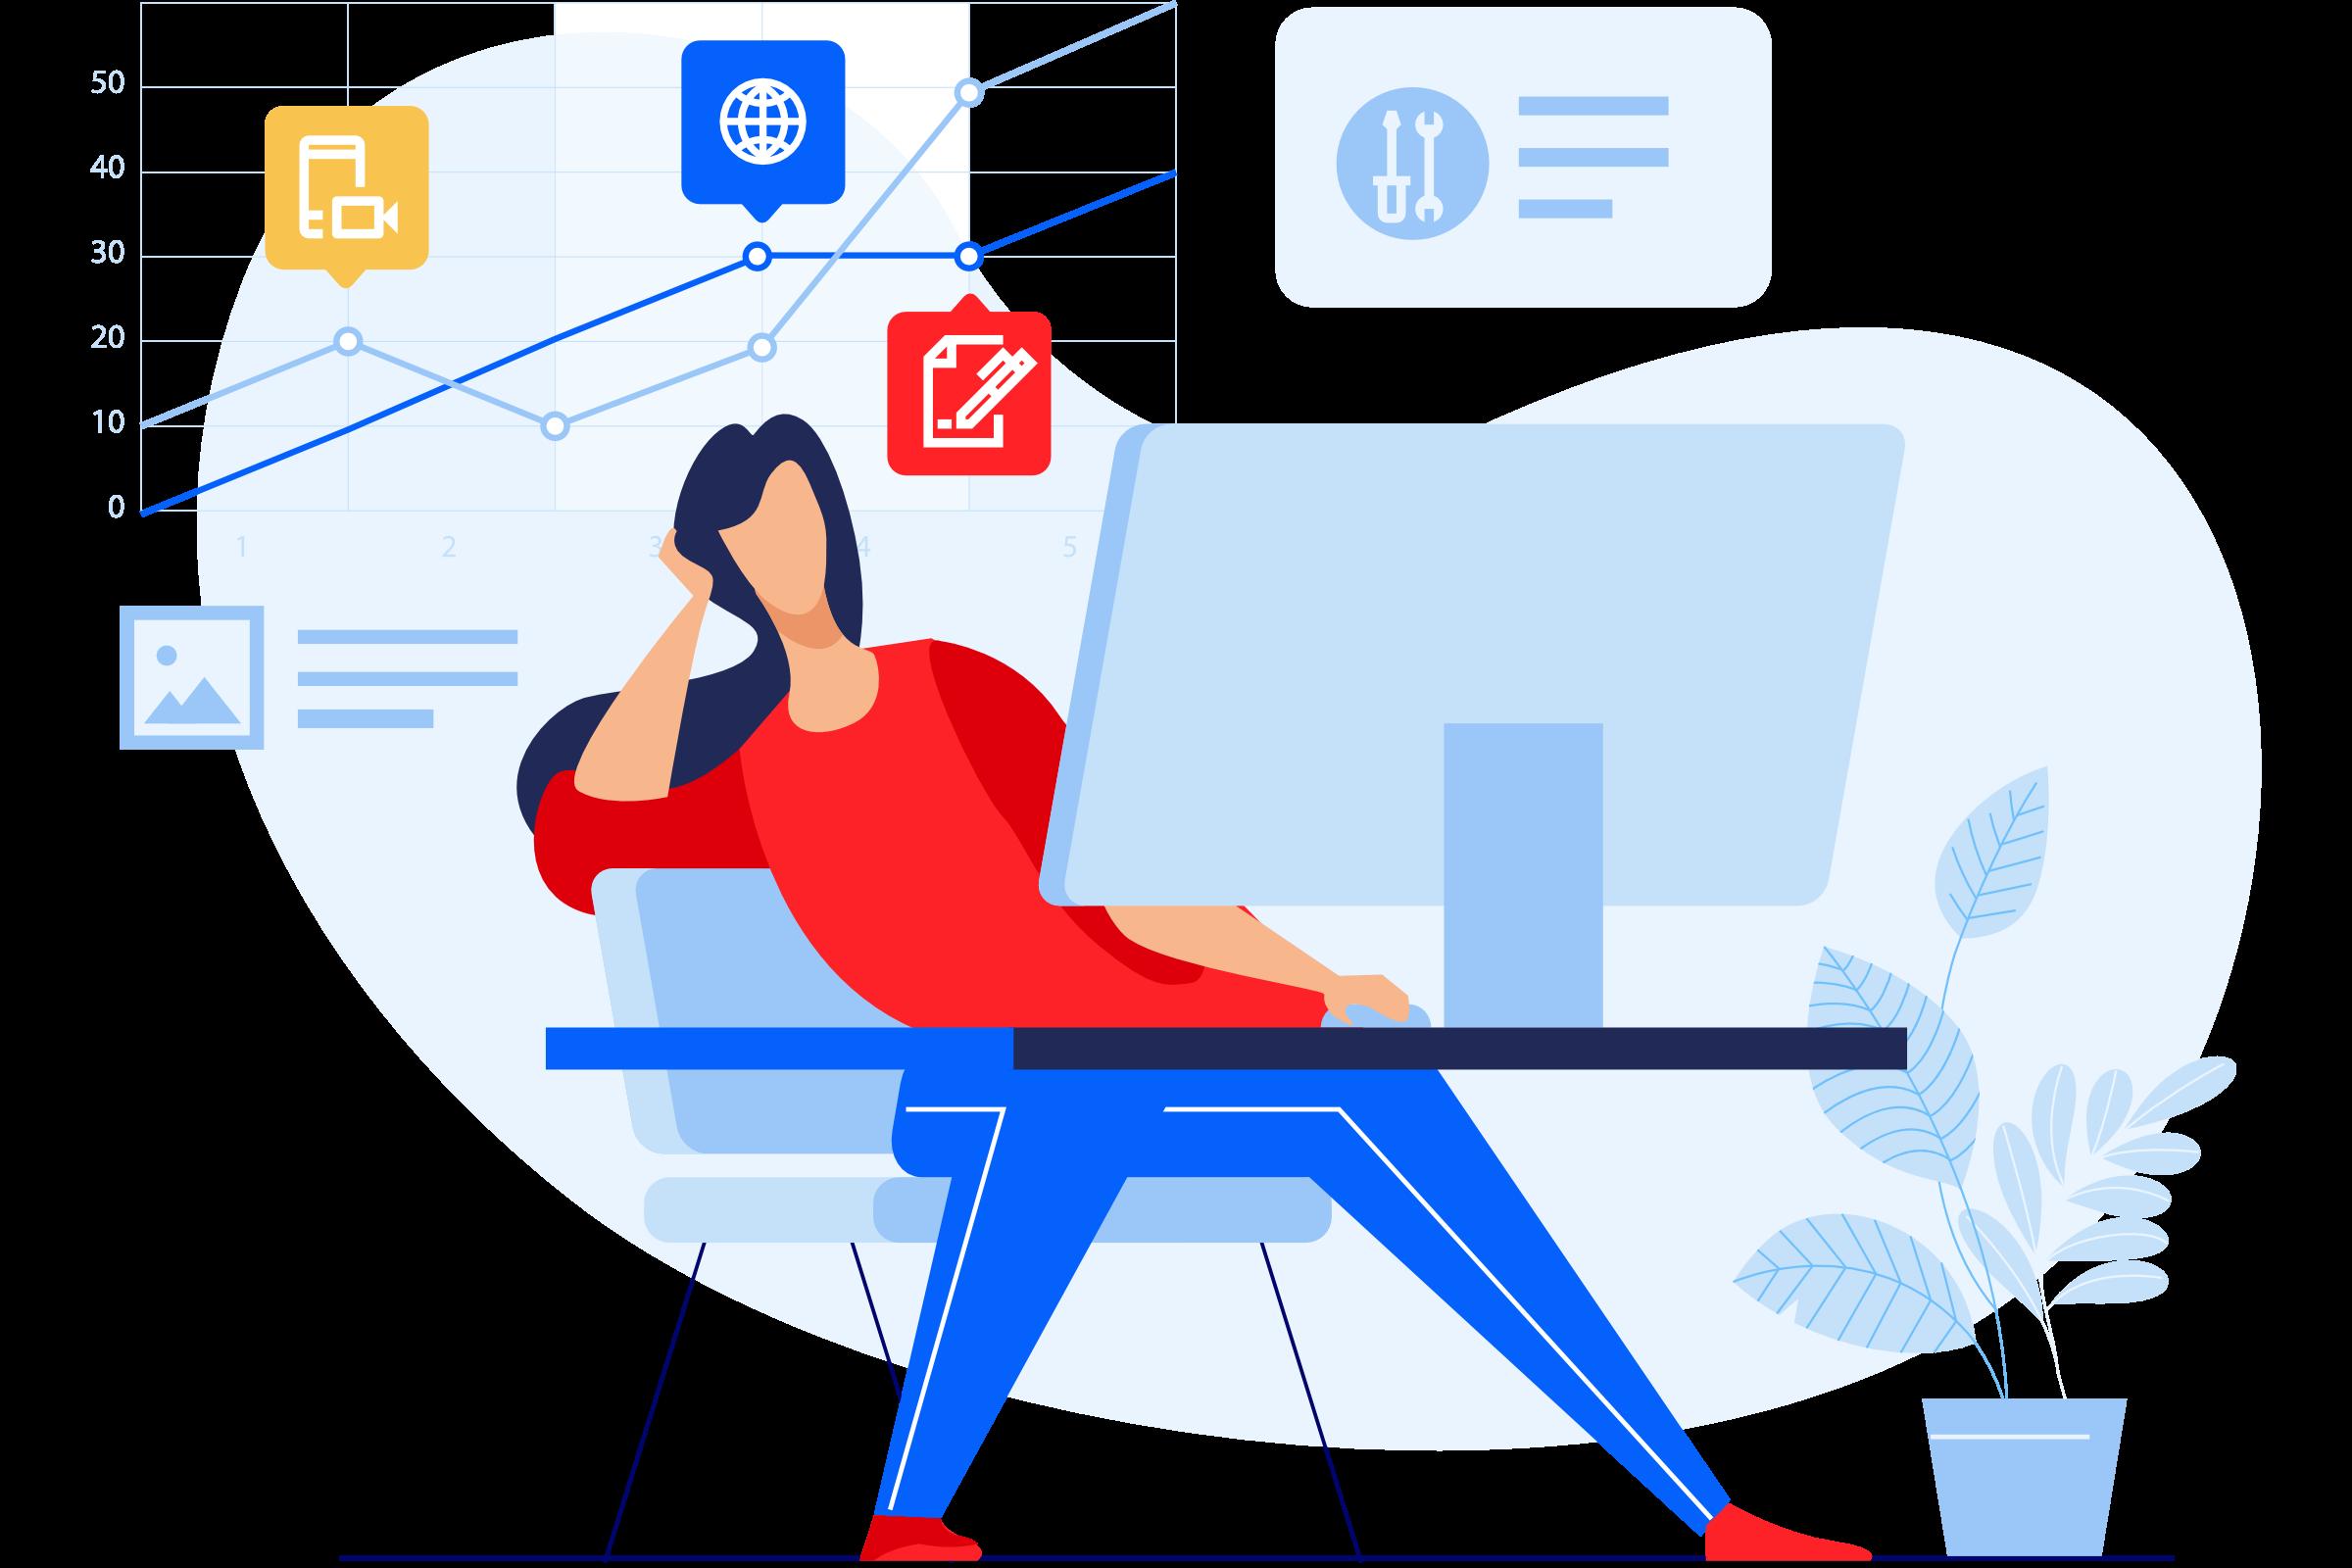 Digital Marketing - Digital Marketer